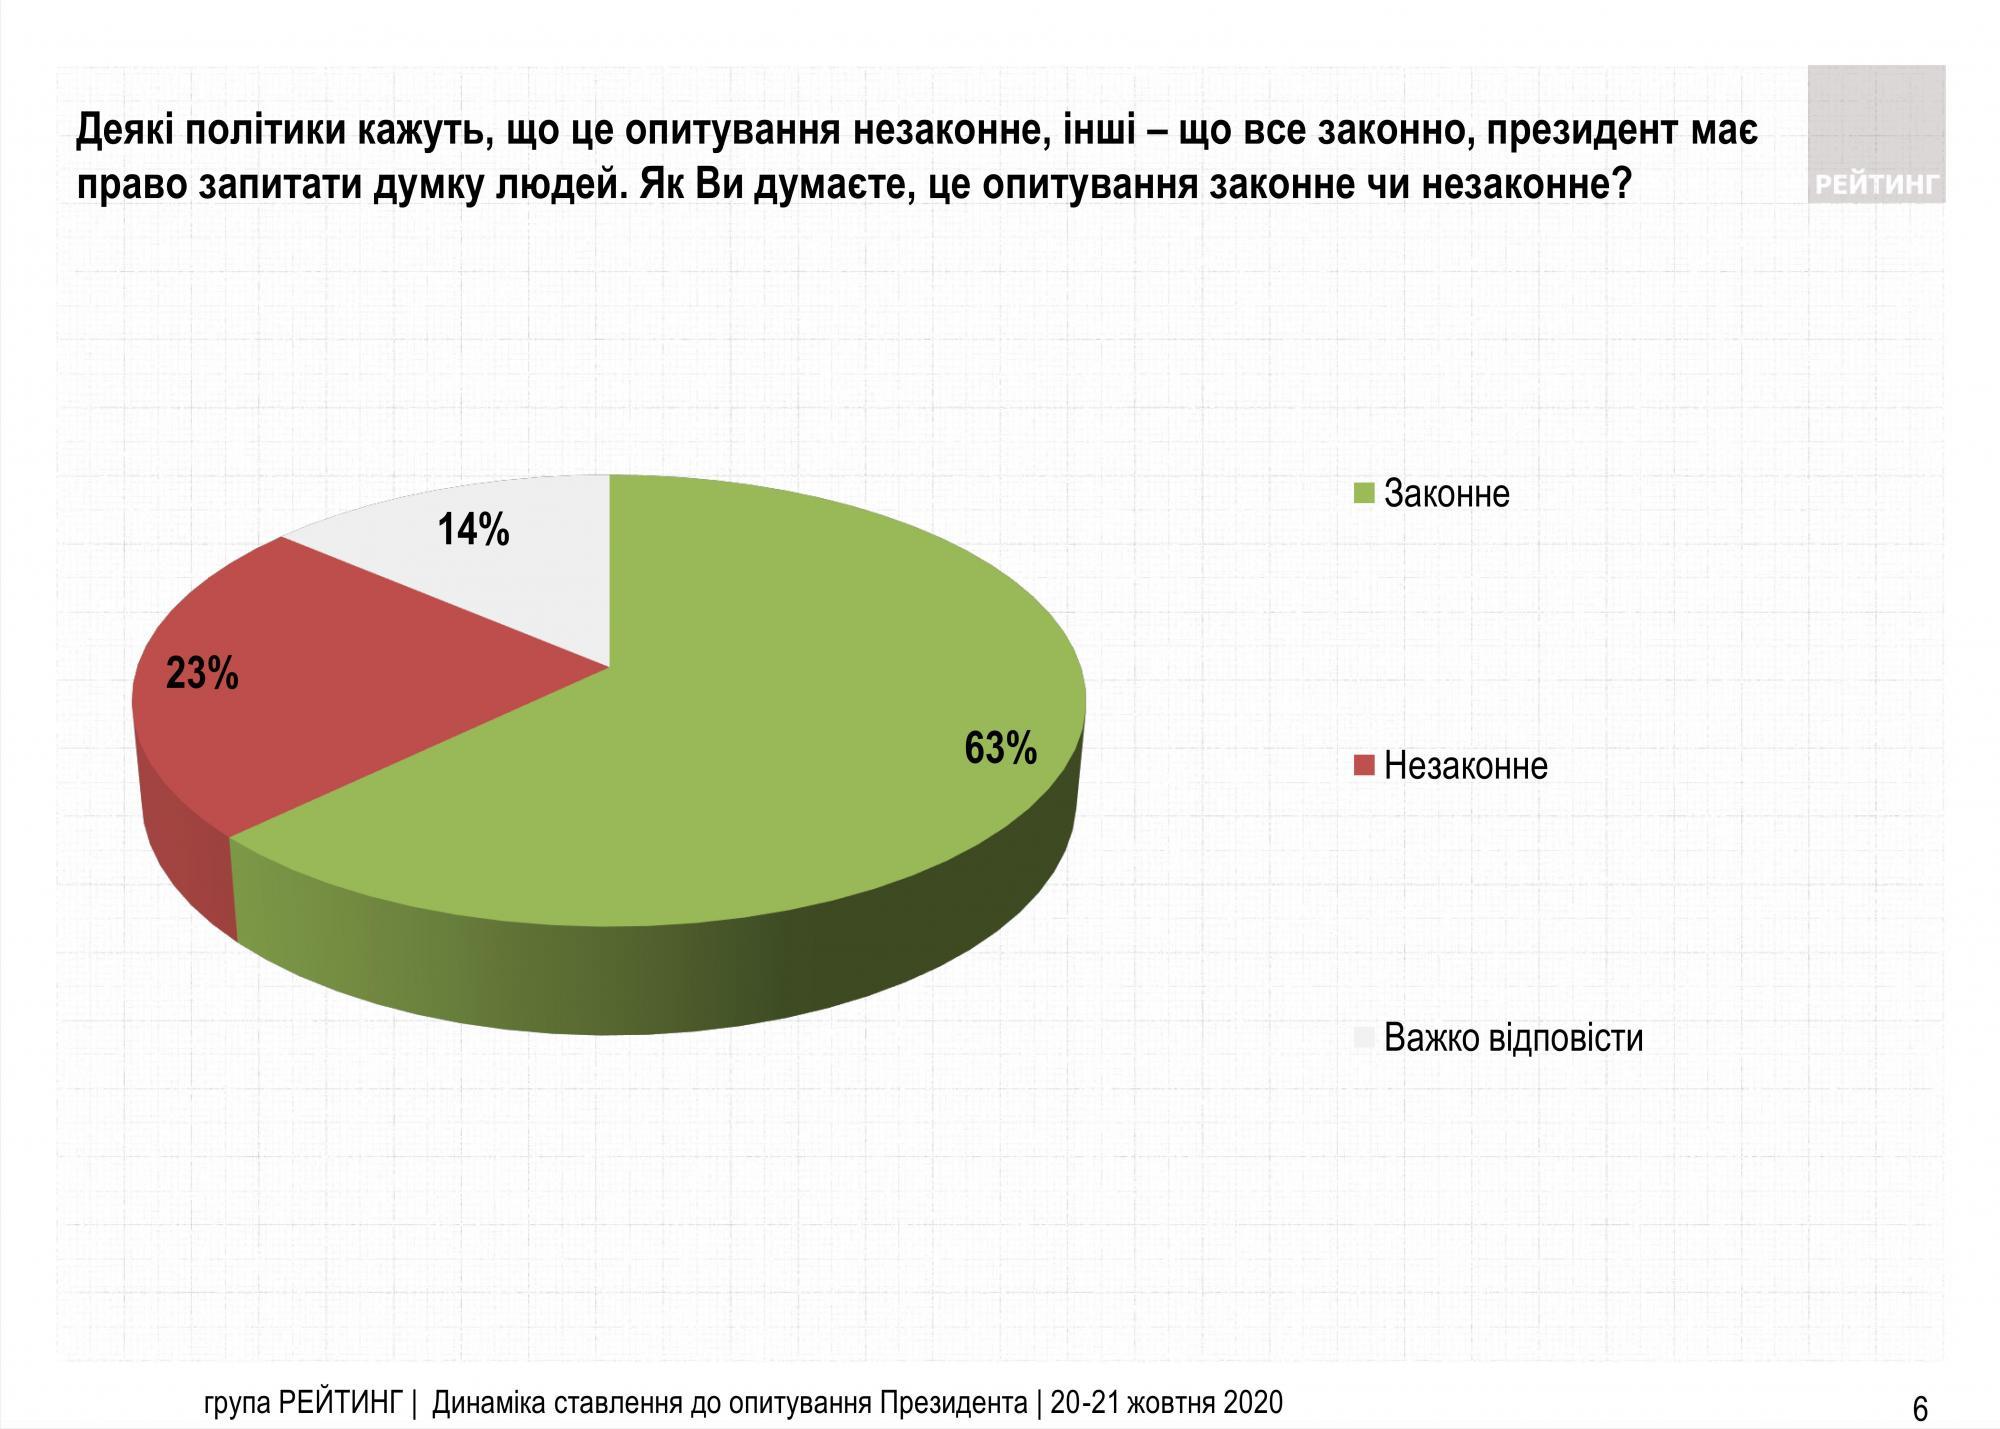 Меньше половины украинцев одобряют решение Зеленского провести опрос